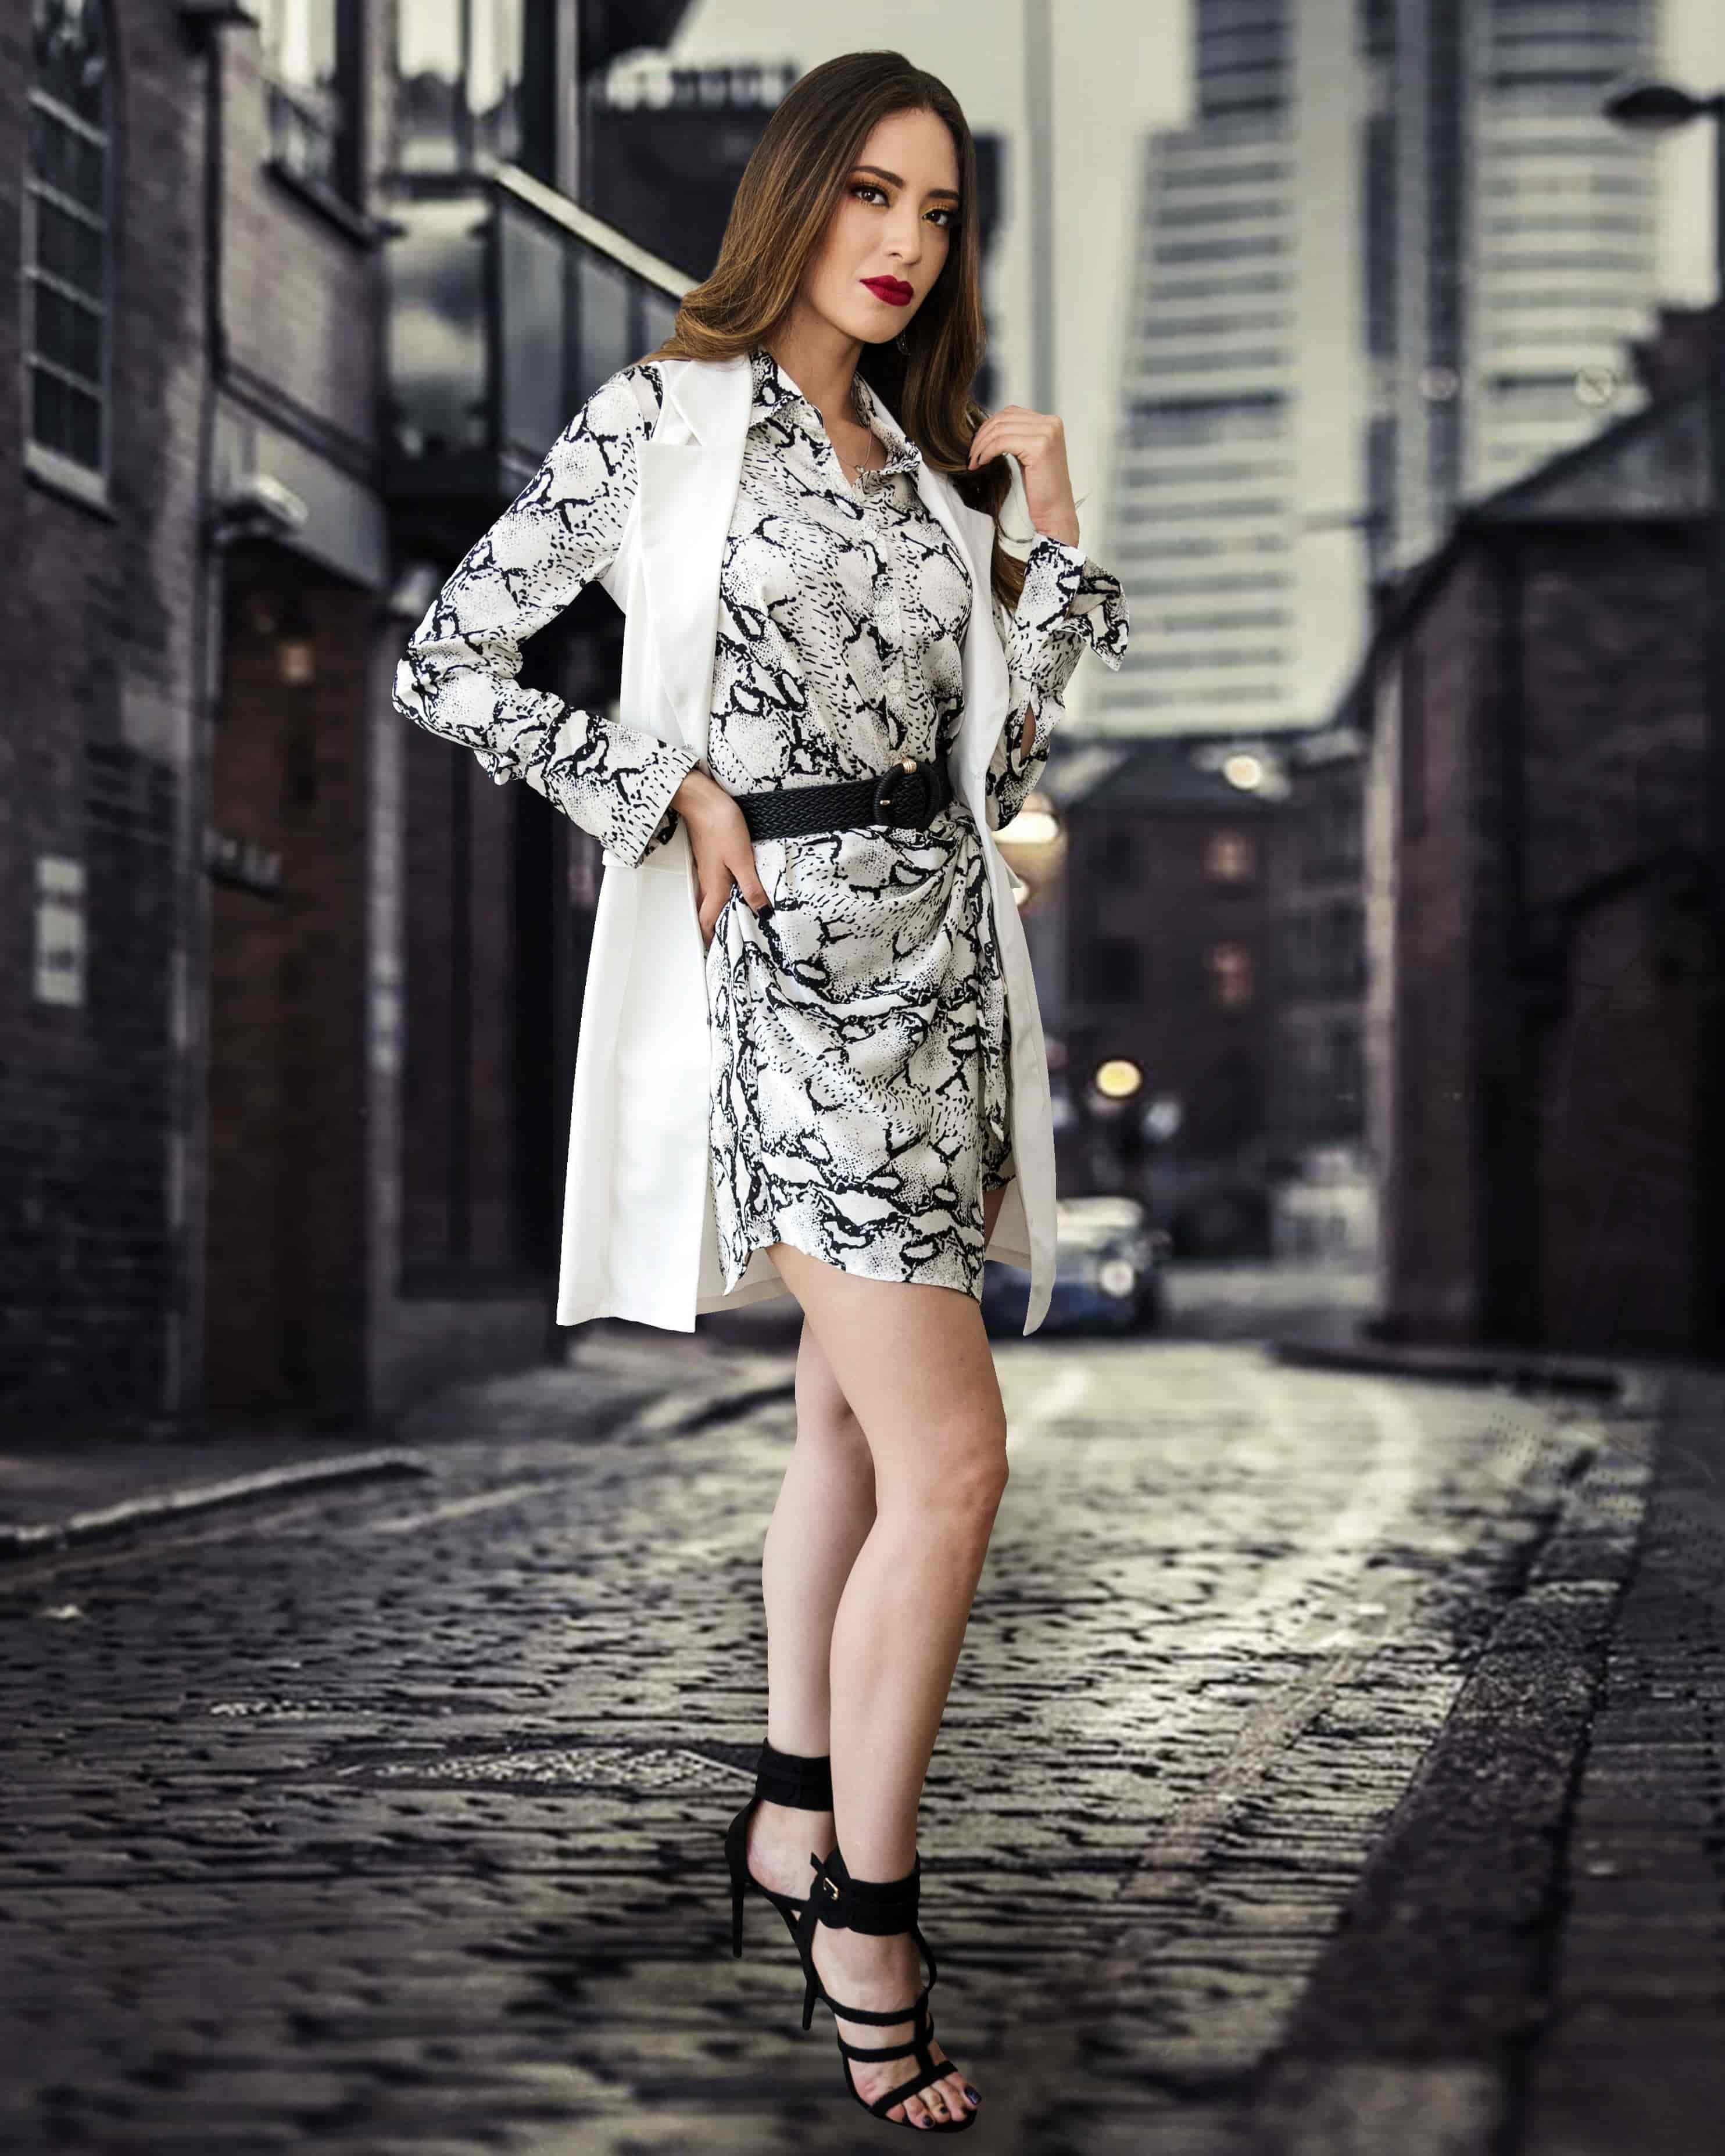 ¡Fashionista , con moda urbana!